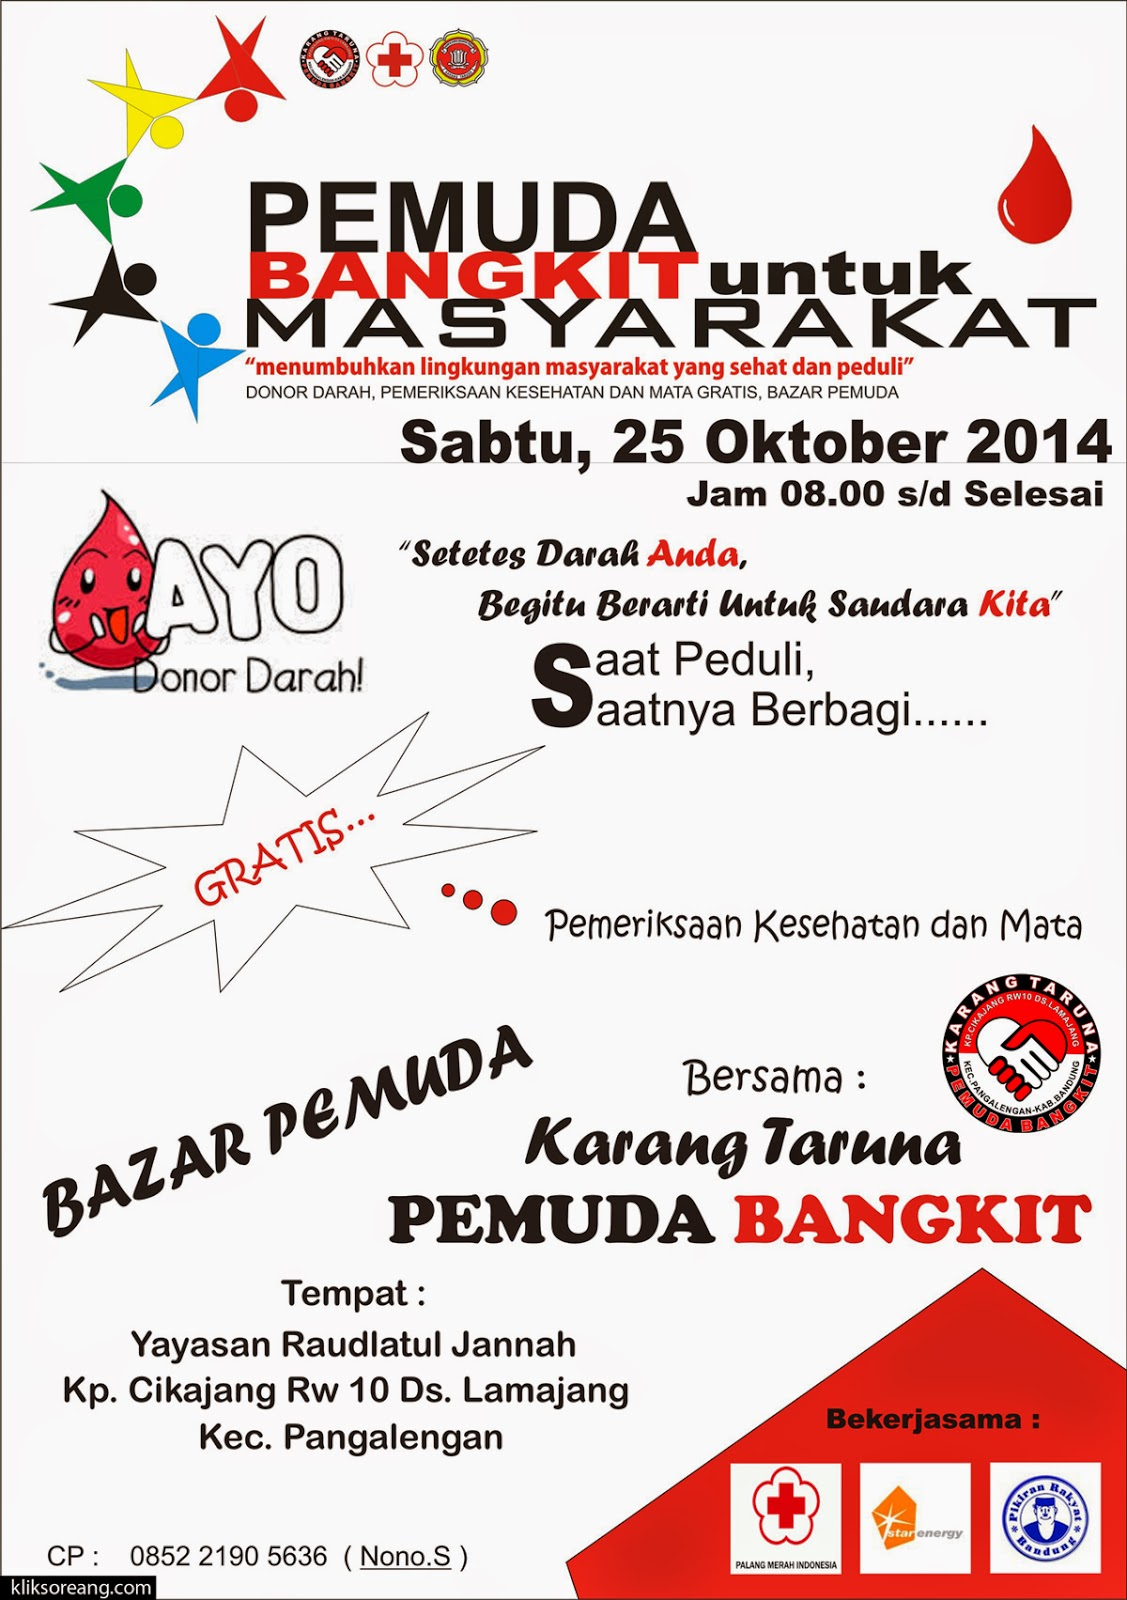 Donor Darah Pemuda Bangkit untuk Masyarakat